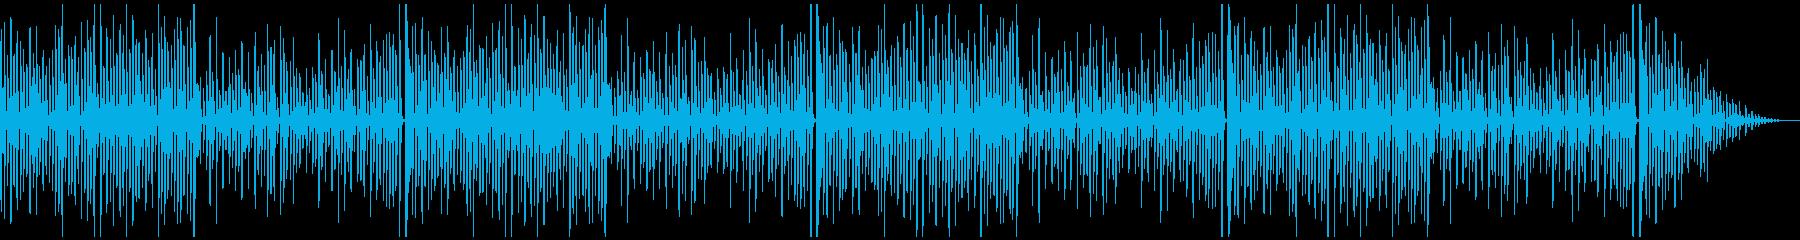 「ジングルベル」シンプルなピアノソロの再生済みの波形